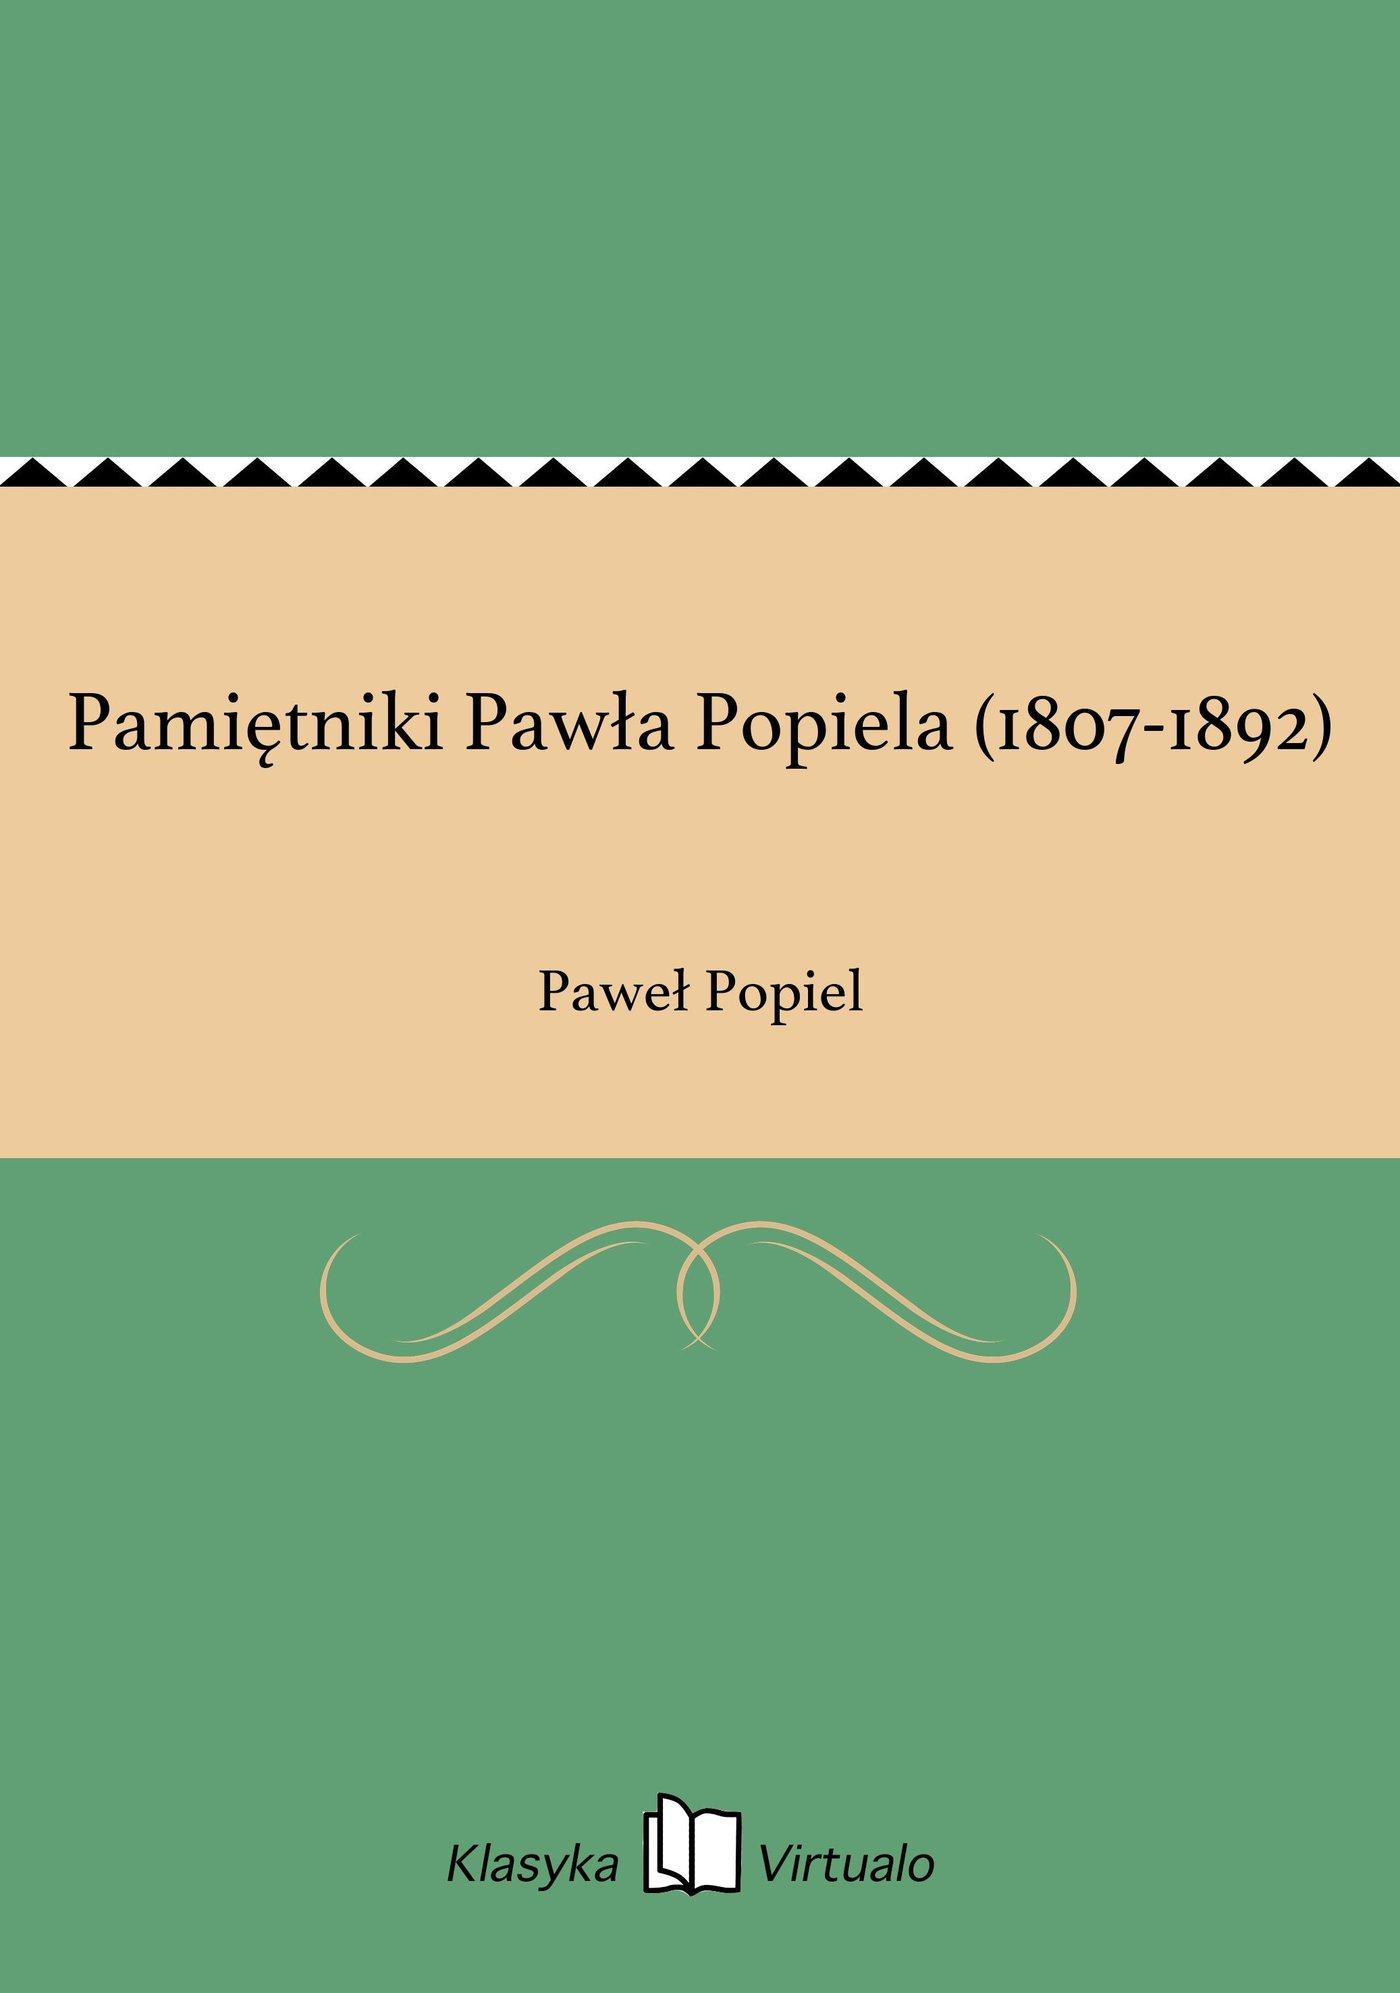 Pamiętniki Pawła Popiela (1807-1892) - Ebook (Książka na Kindle) do pobrania w formacie MOBI